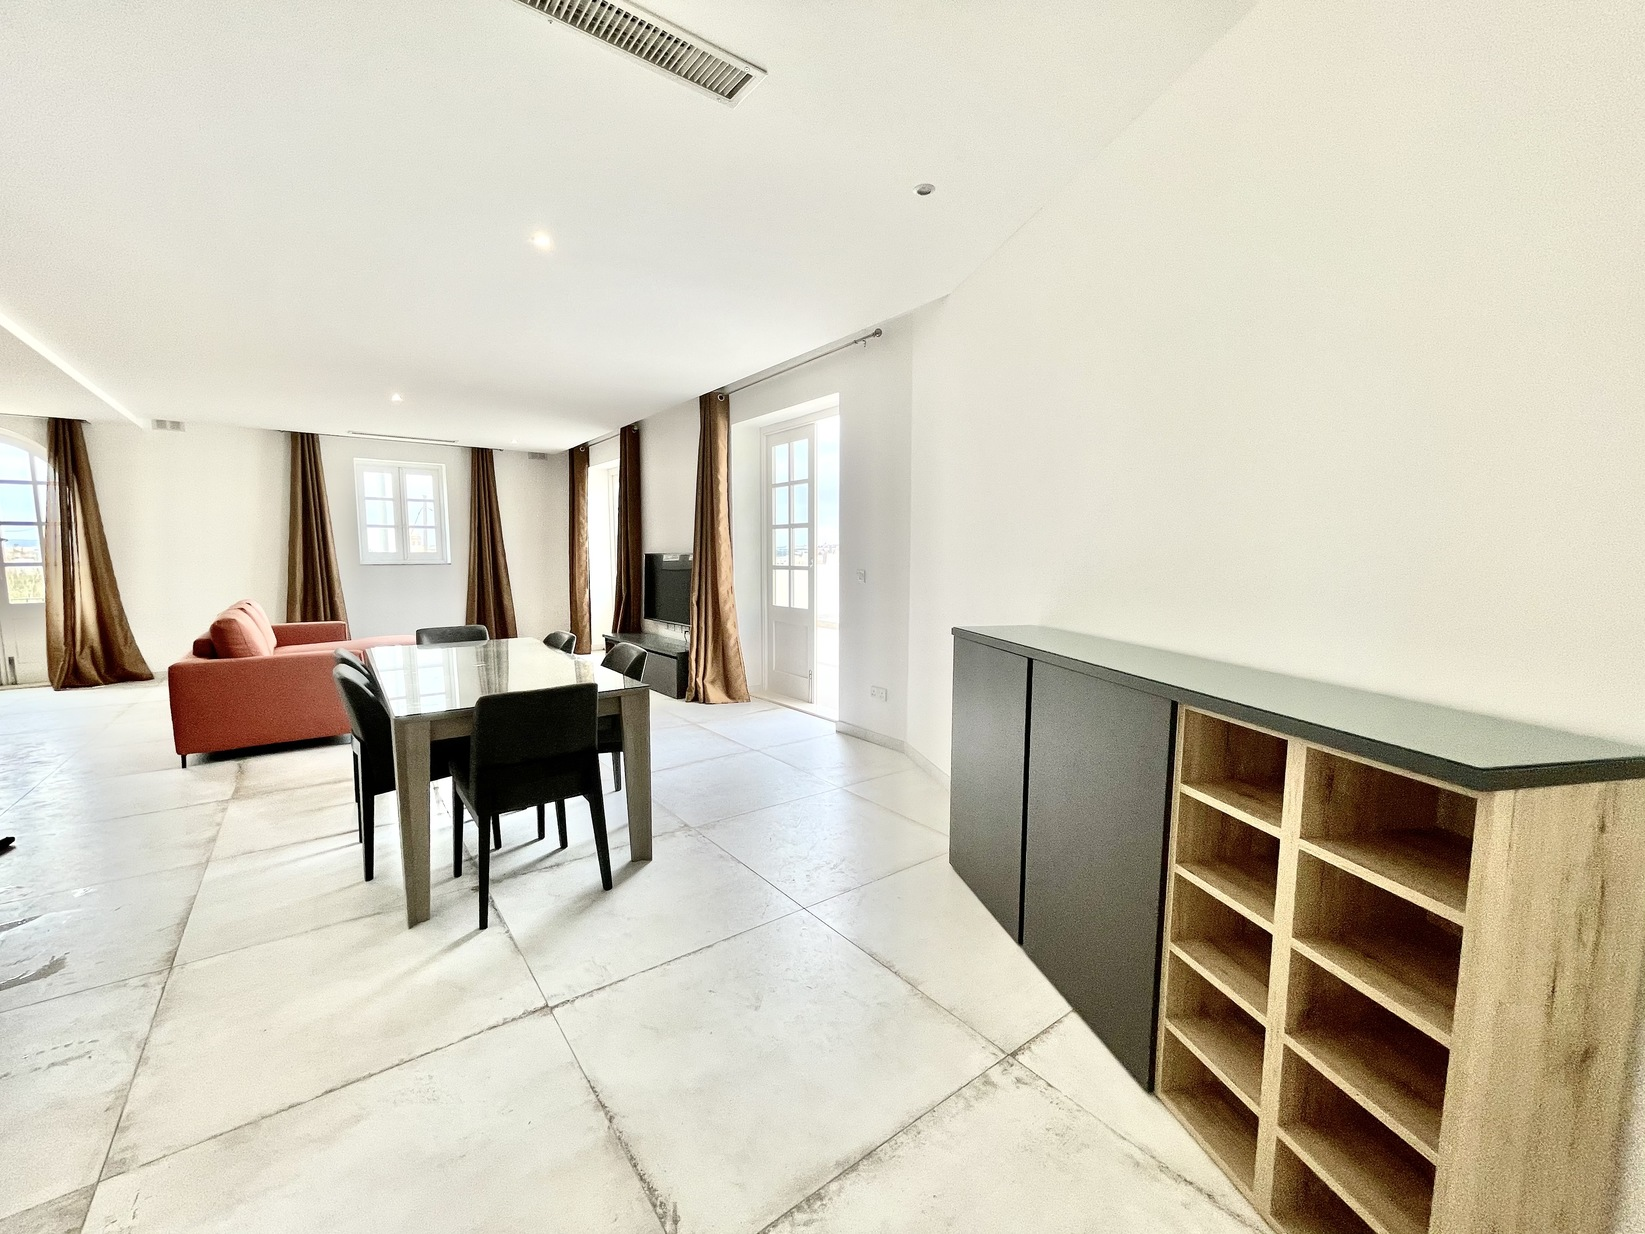 3 bed Apartment For Rent in Kalkara, Kalkara - thumb 5